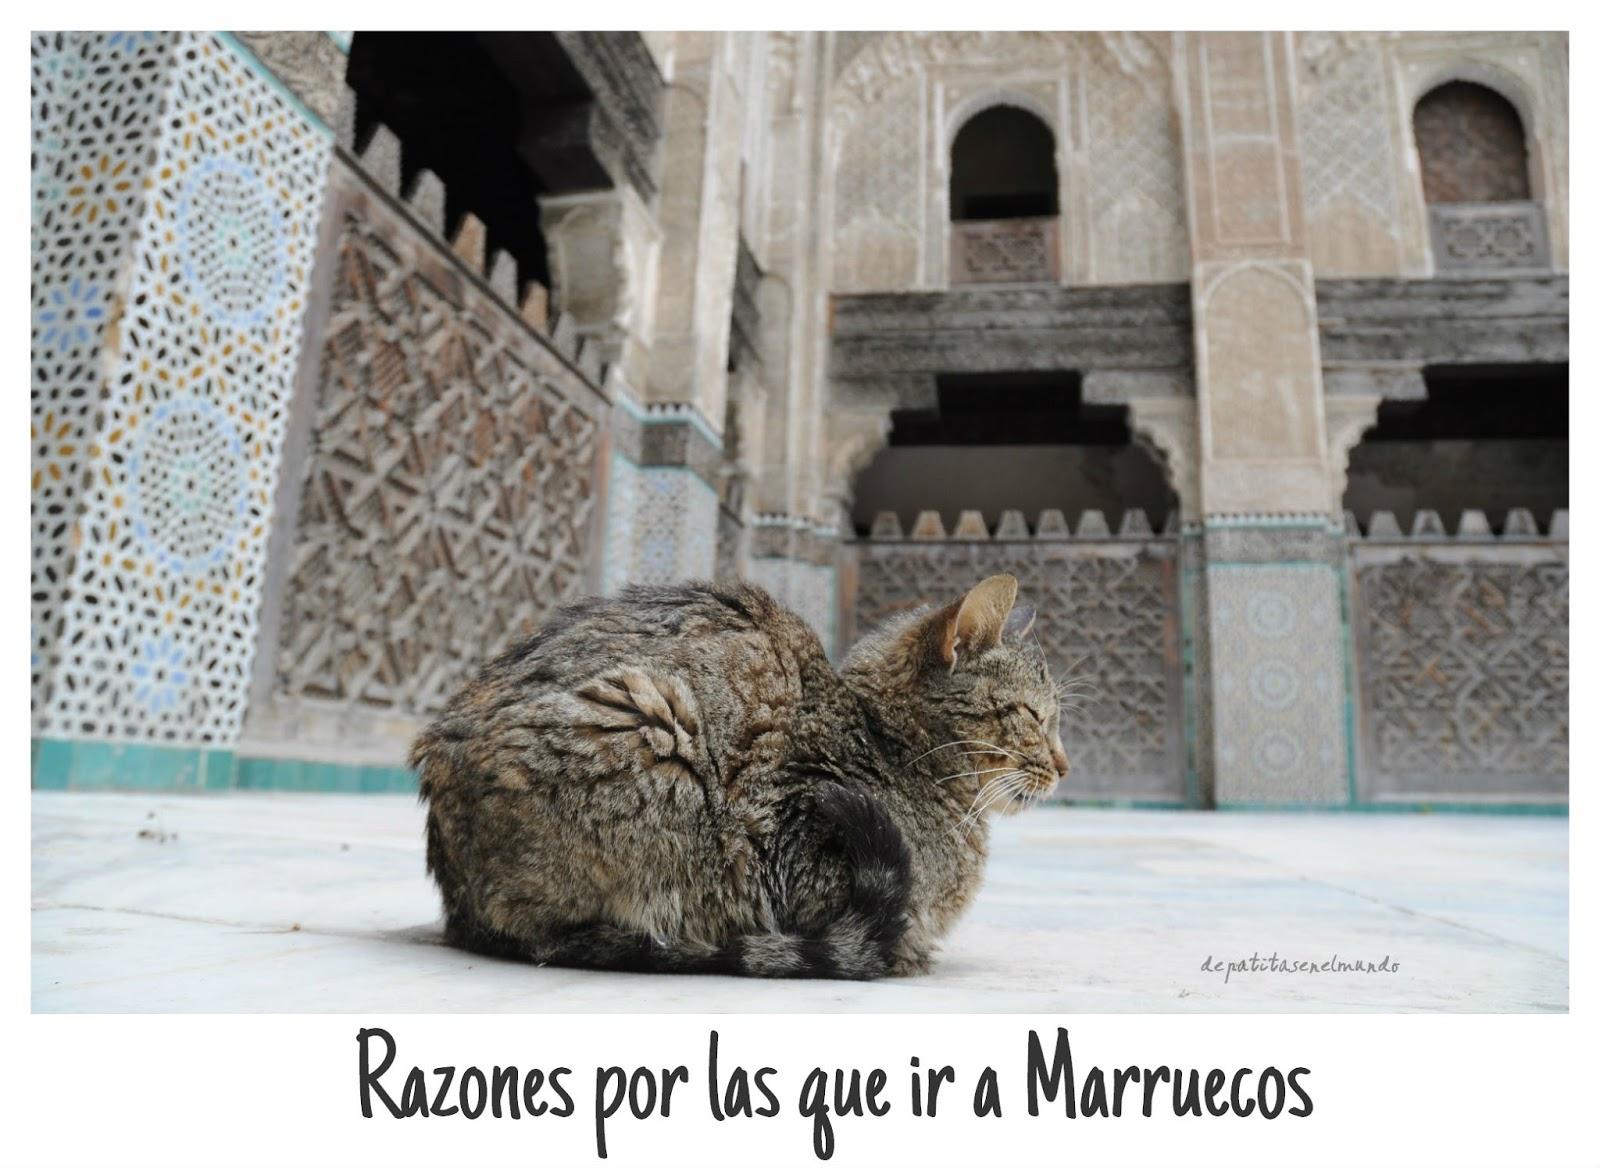 http://www.depatitasenelmundo.es/2014/04/razones-por-las-que-ir-marruecos.html